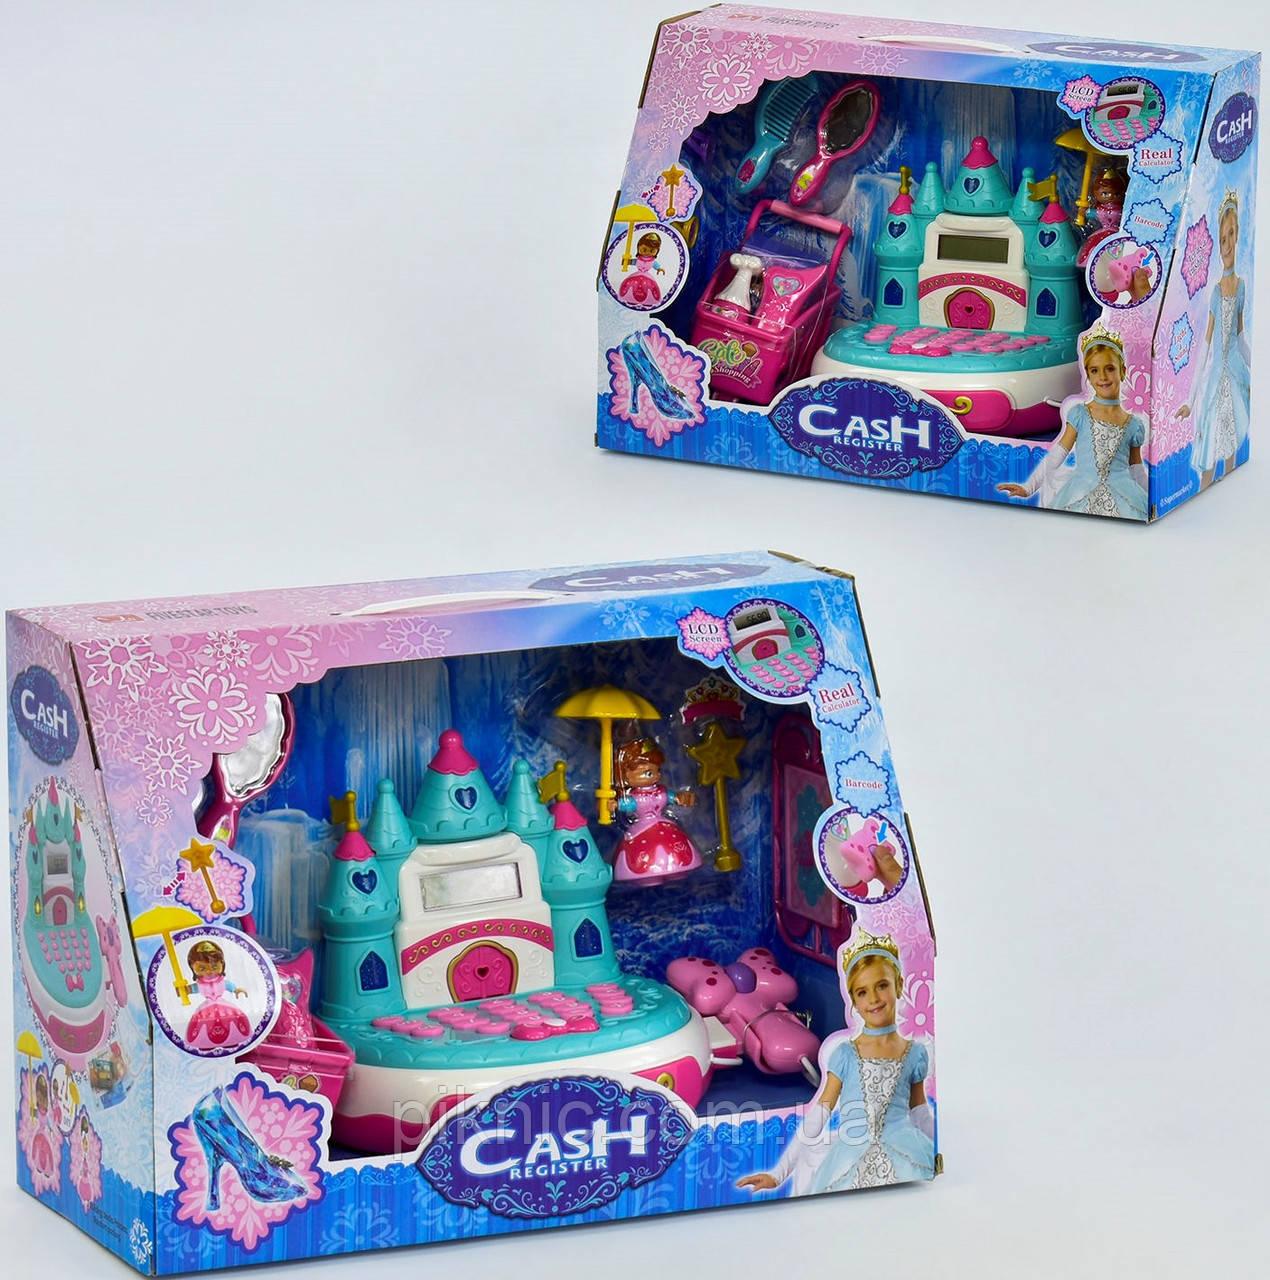 Кассовый аппарат Замок игрушка для девочек. Детская игрушечная касса музыкальная, светится.